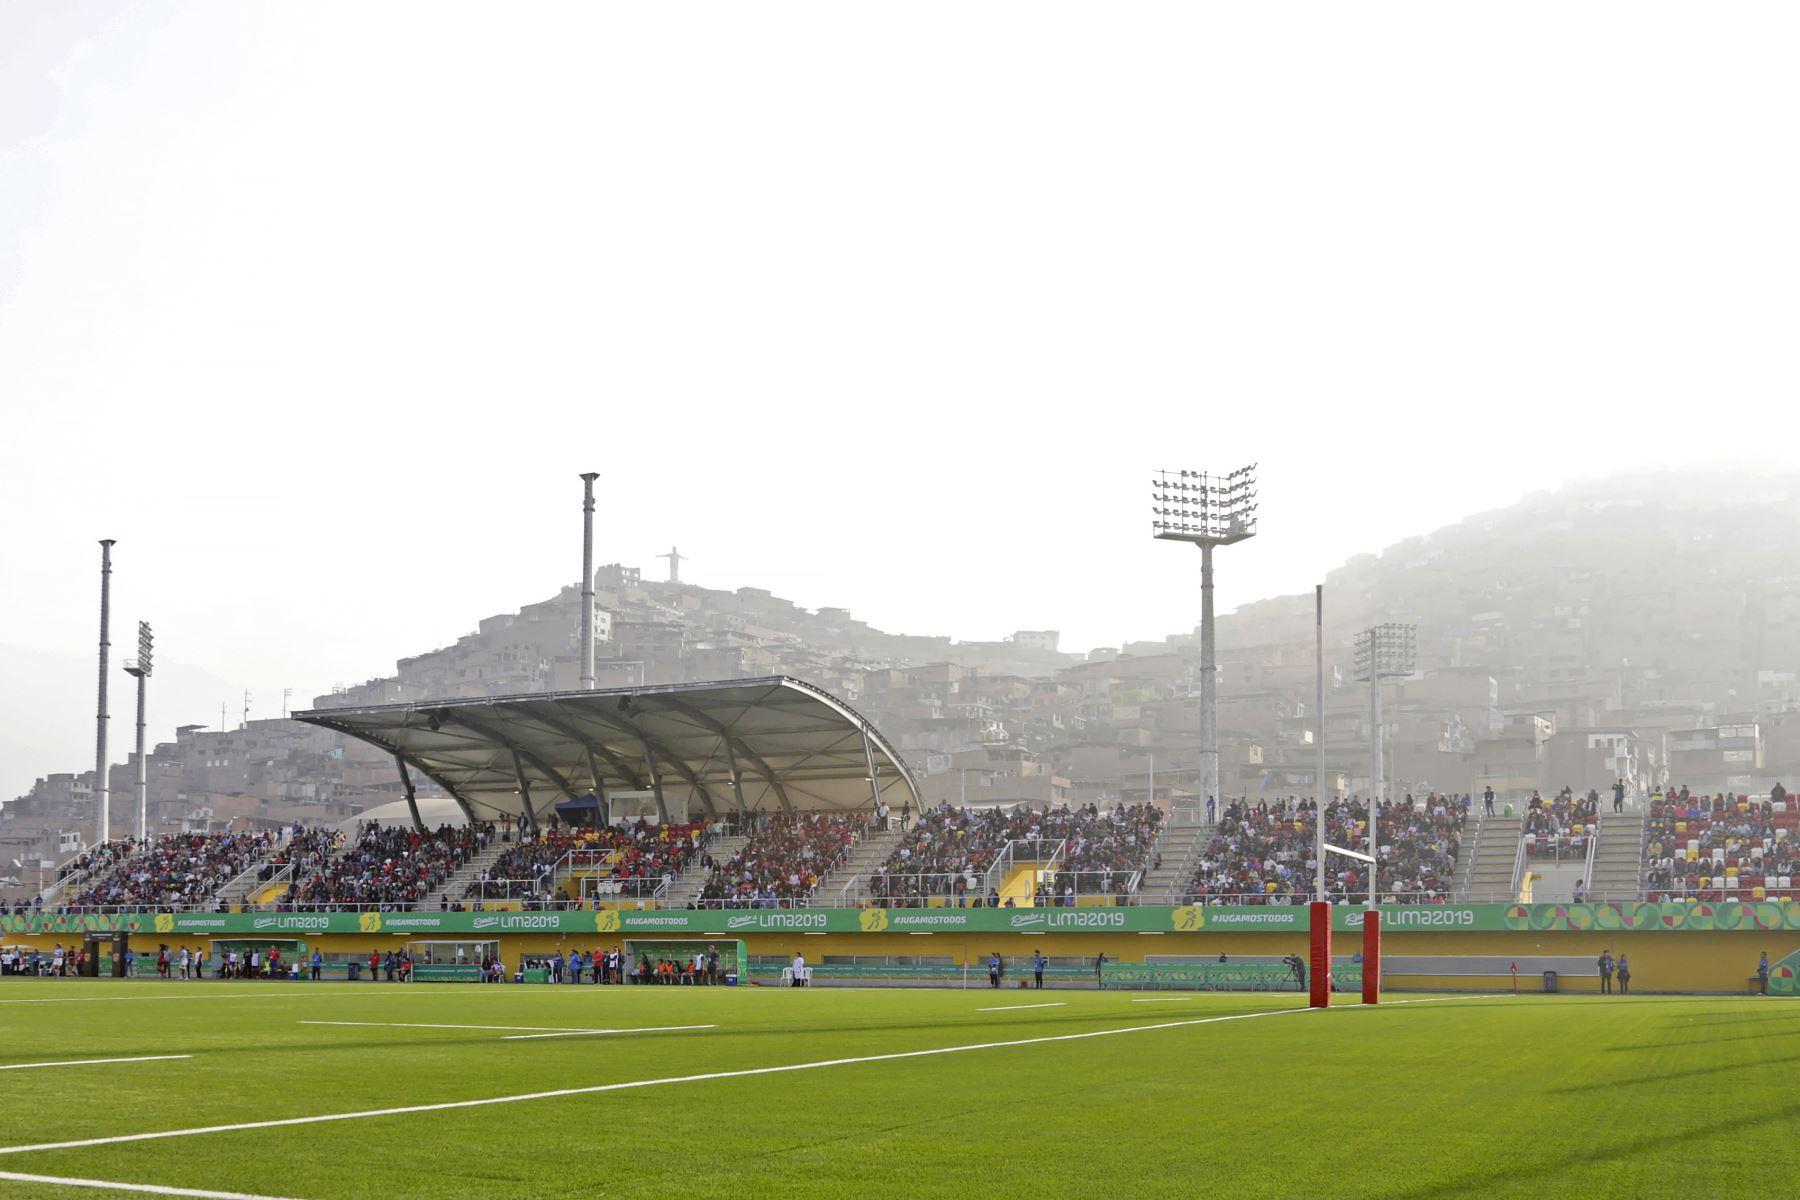 Gran cantidad de público asistió al Estadio de Rugby ubicado dentro del complejo deportivo de Villa María del Triunfo. Foto:Lima 2019